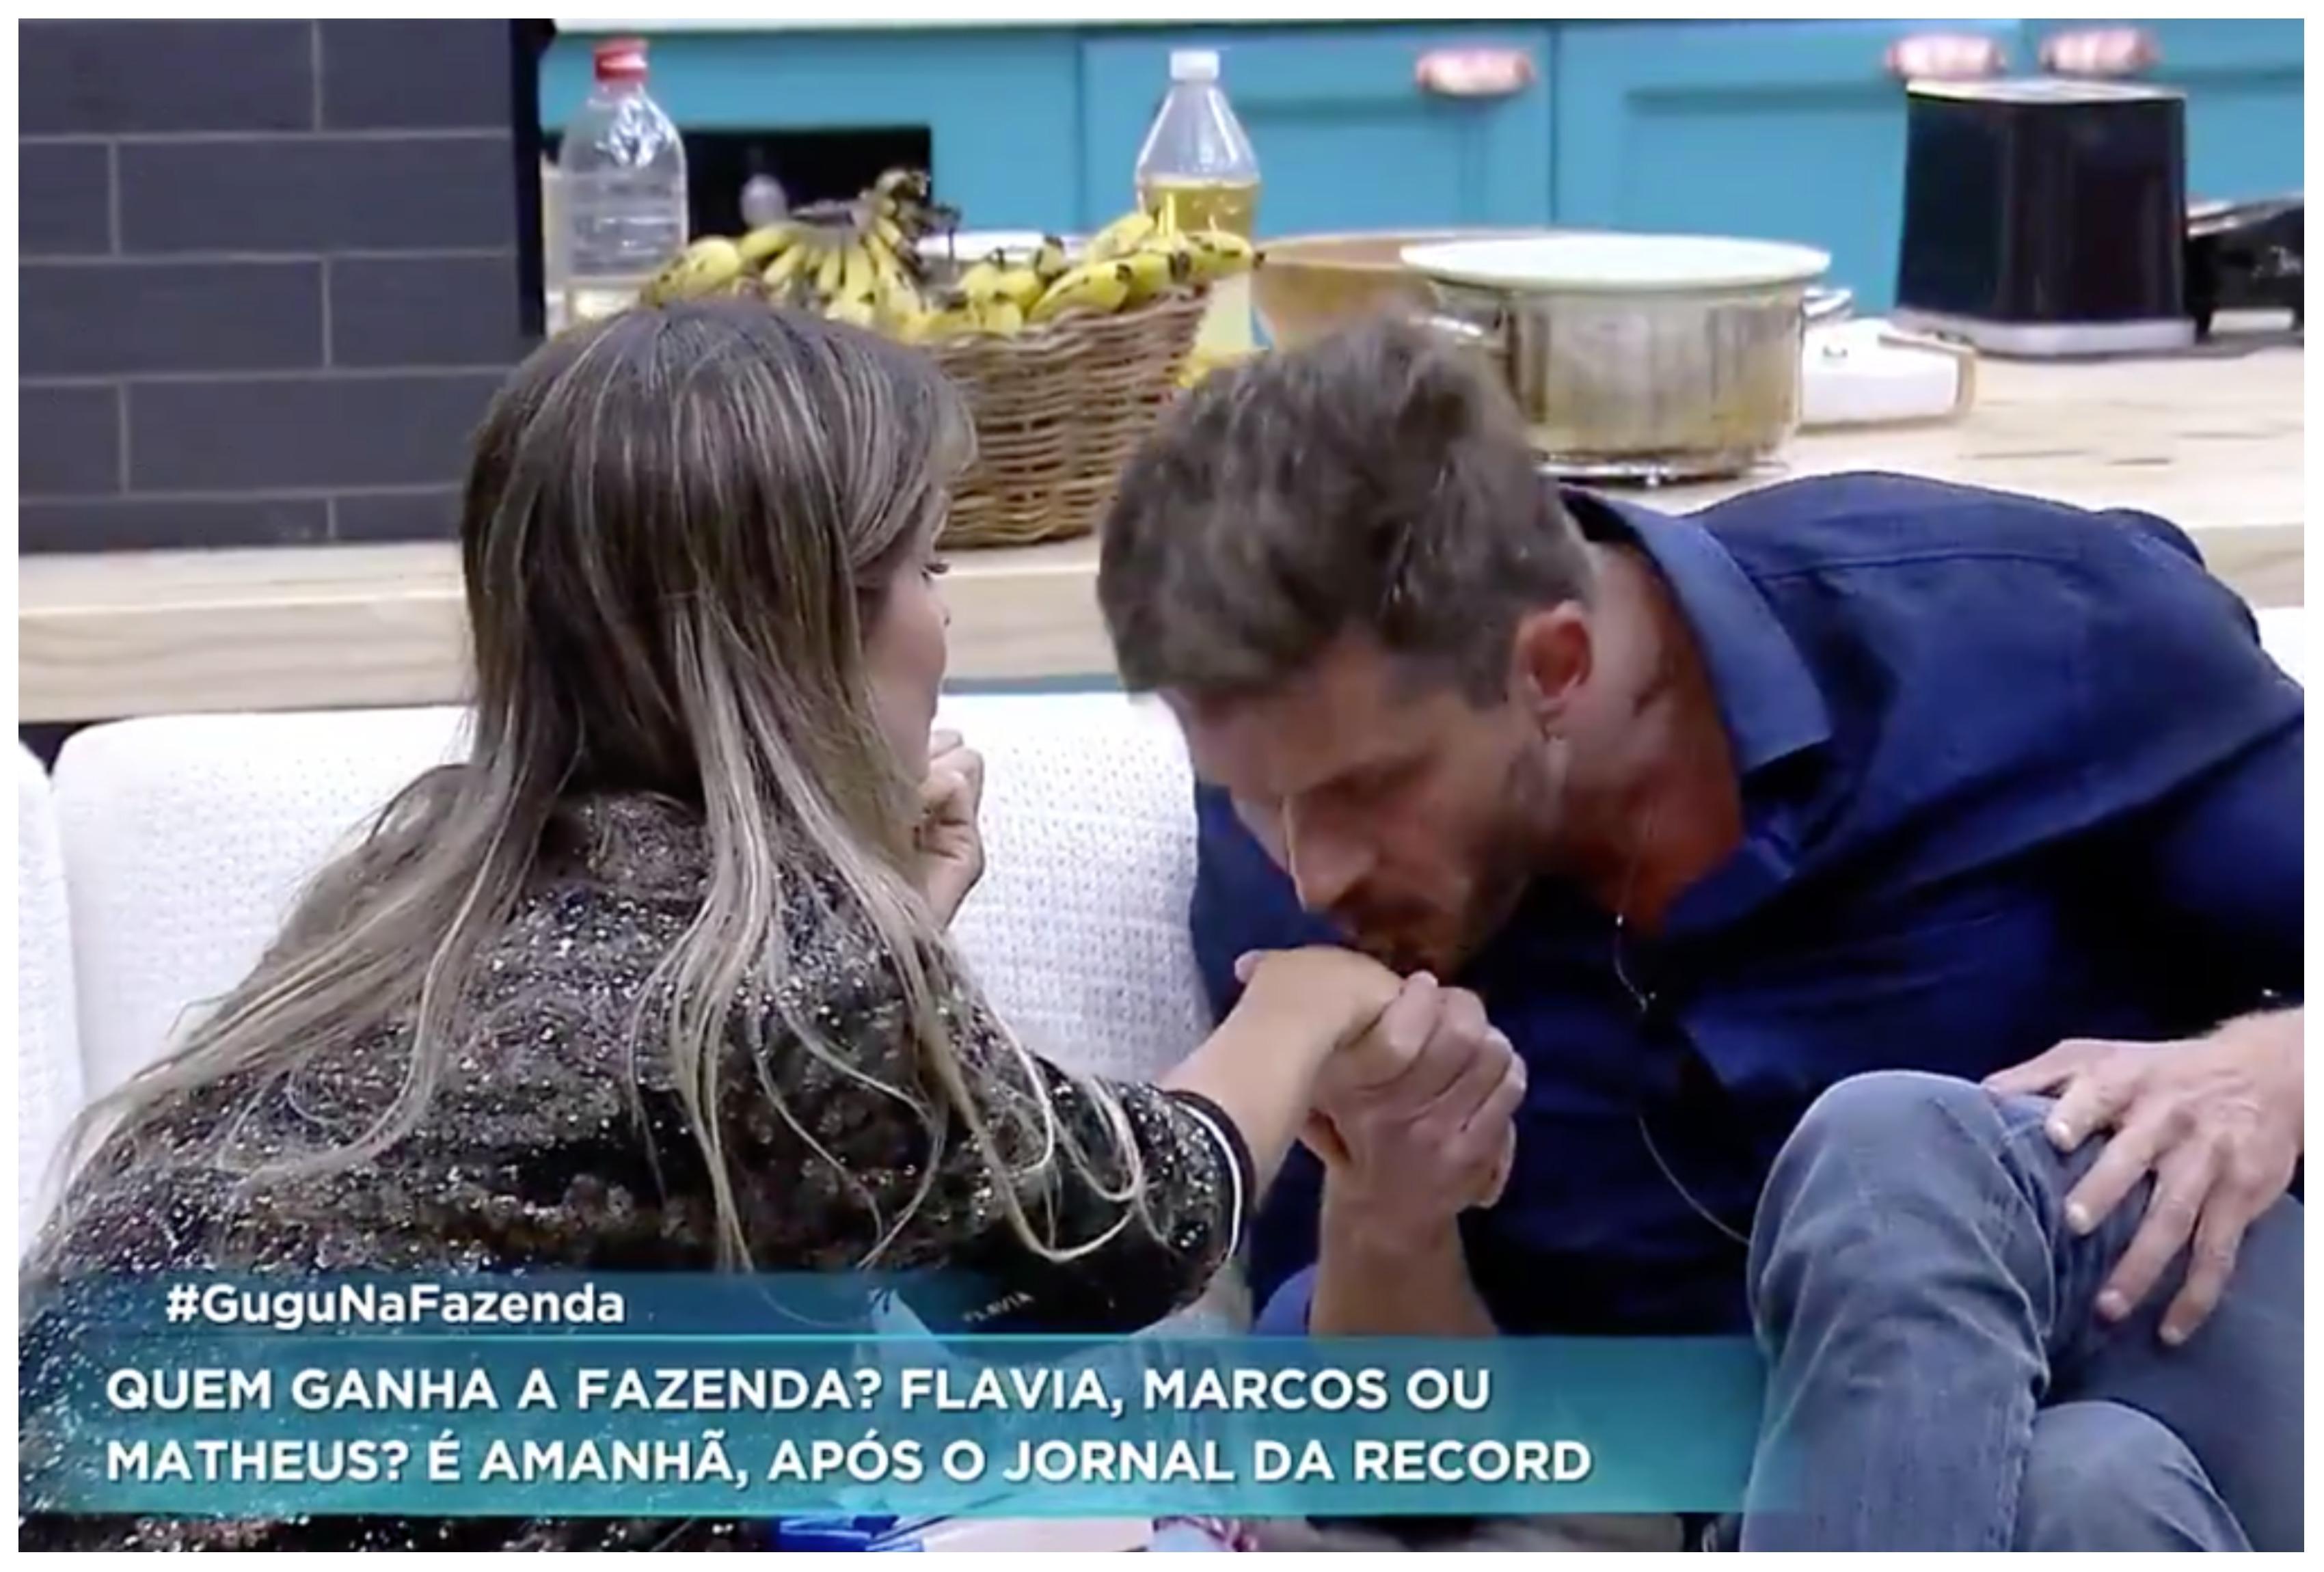 Marcos Harter beija mão de Flávia Viana na Fazenda (Foto reprodução)